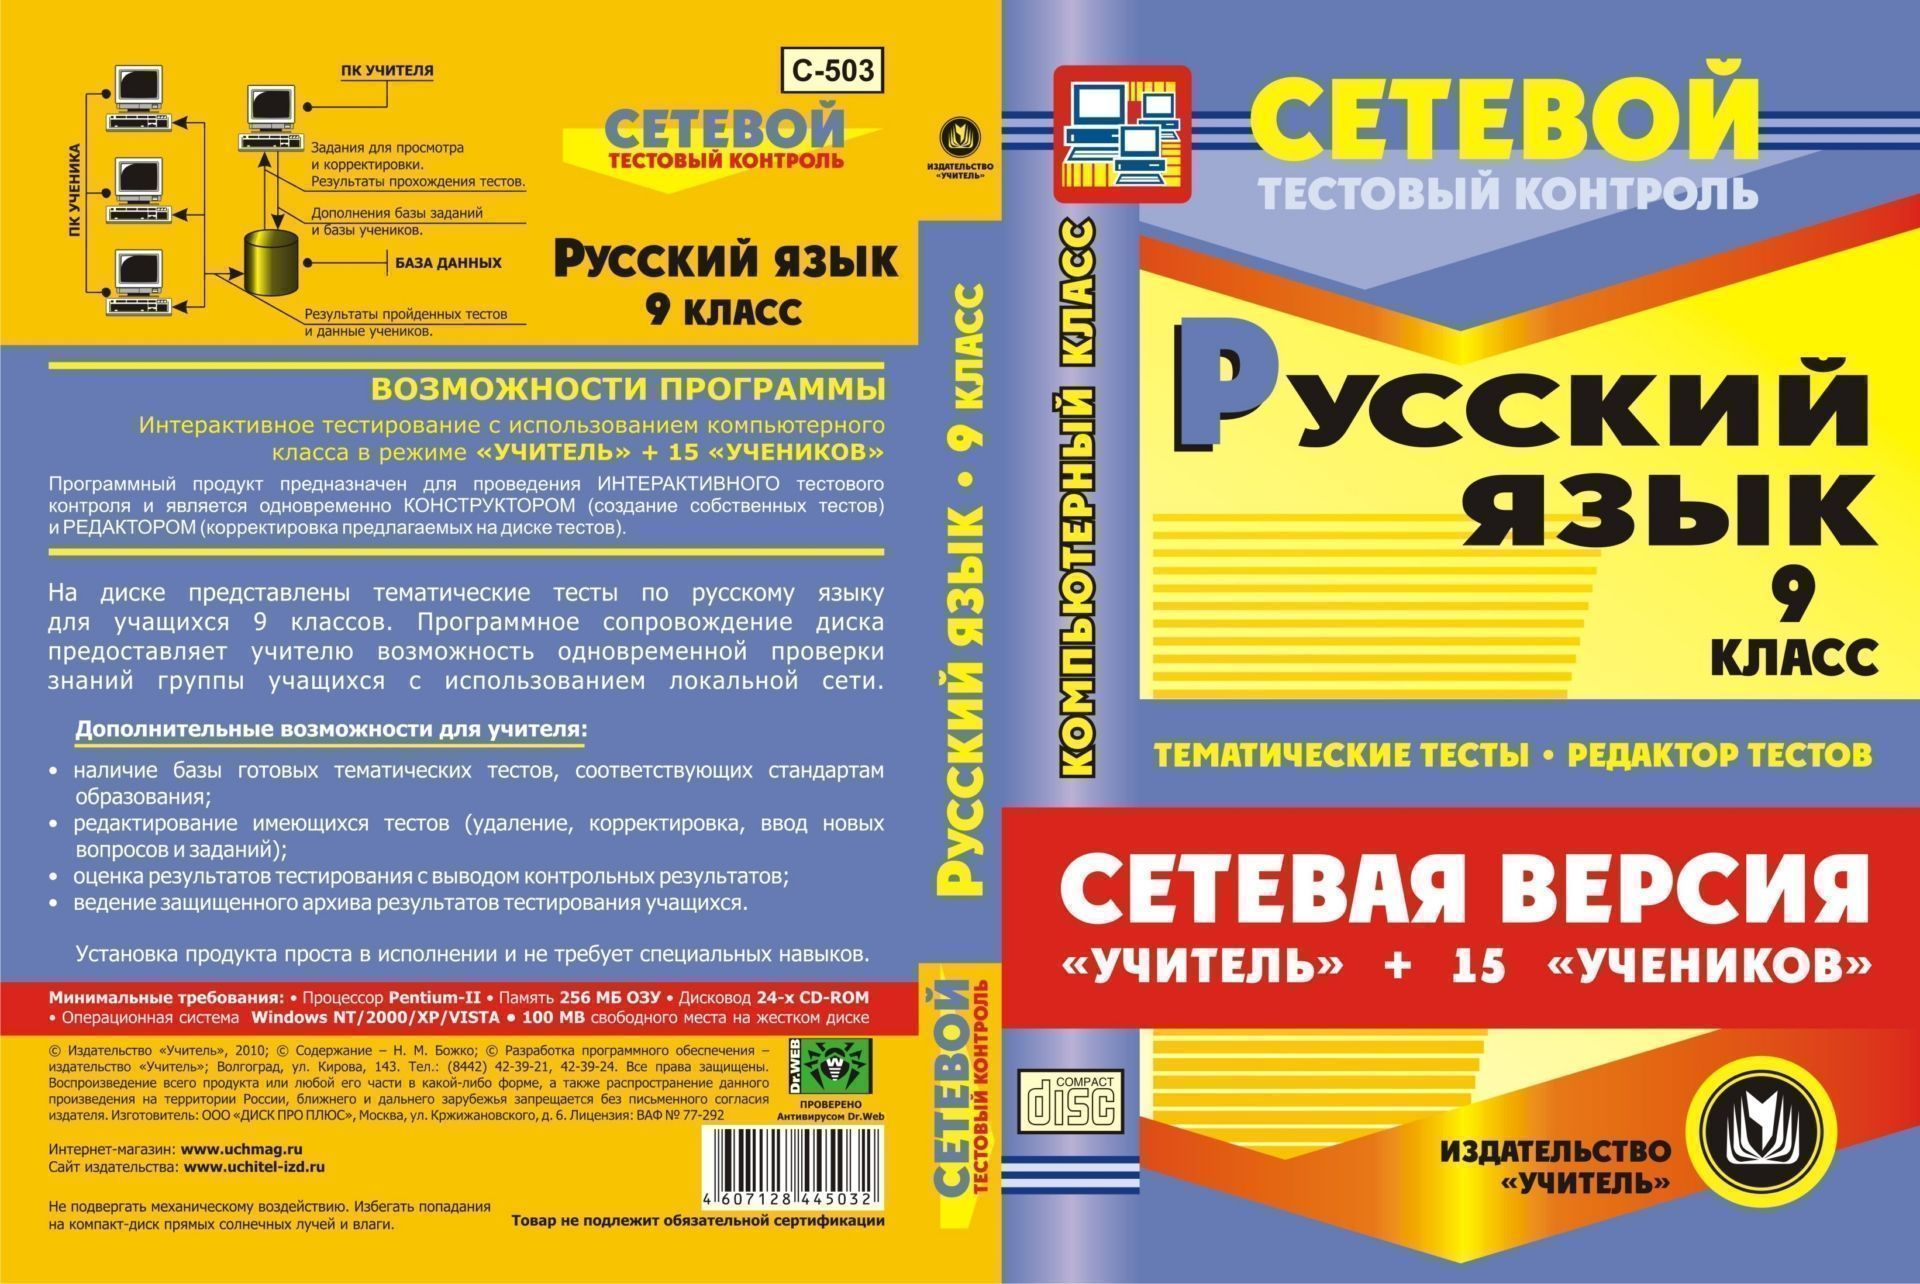 """Сетевая версия """"Учитель + 15 учеников"""". Русский язык. 9 классы. Компакт-диск для компьютера: Тематические тесты. Редактор тестов."""